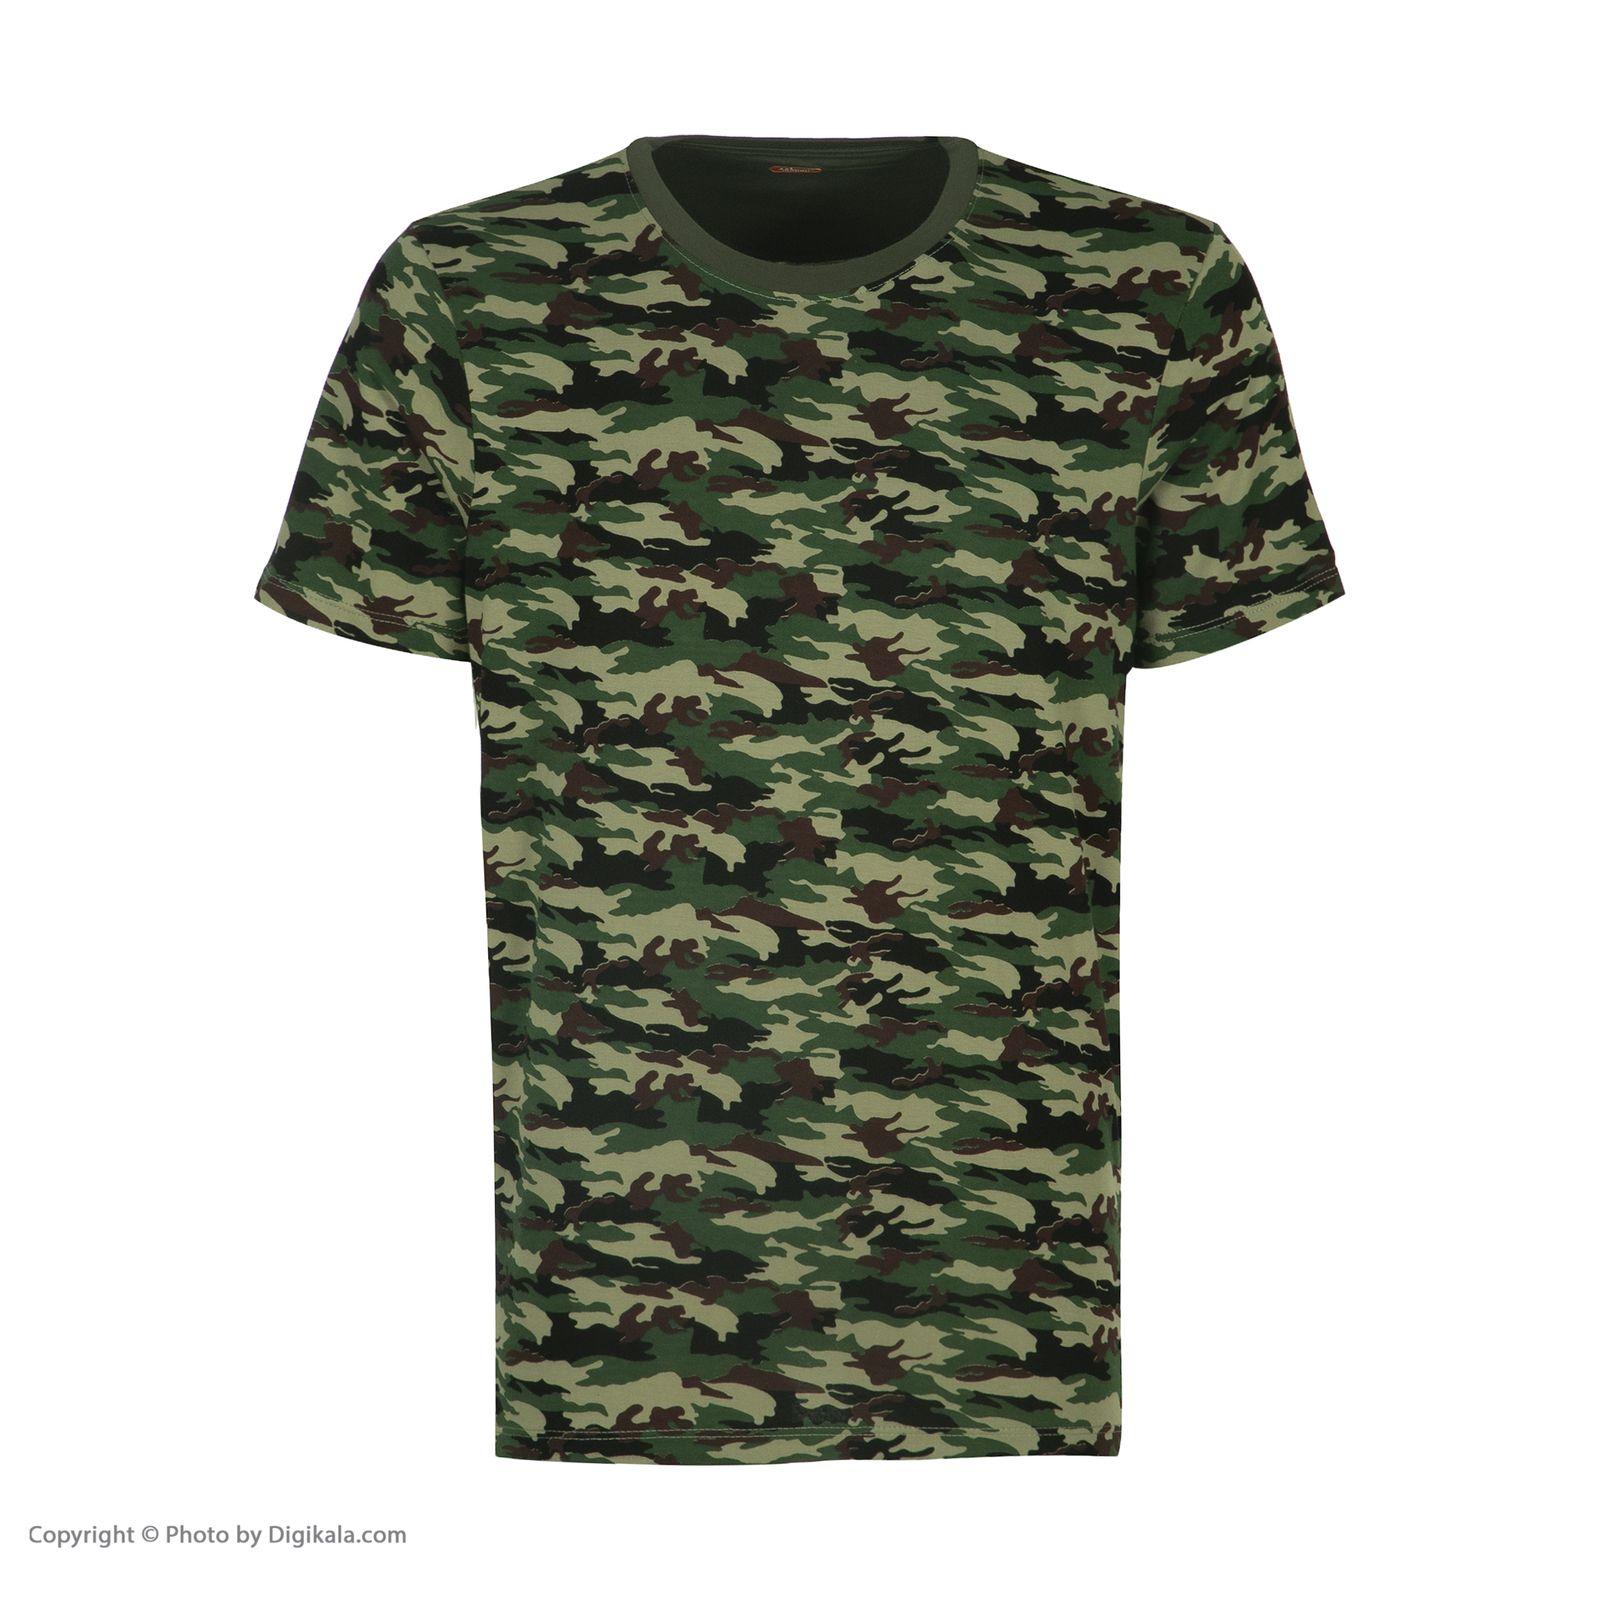 ست تی شرت و شلوارک راحتی مردانه مادر مدل 2041108-49 -  - 4